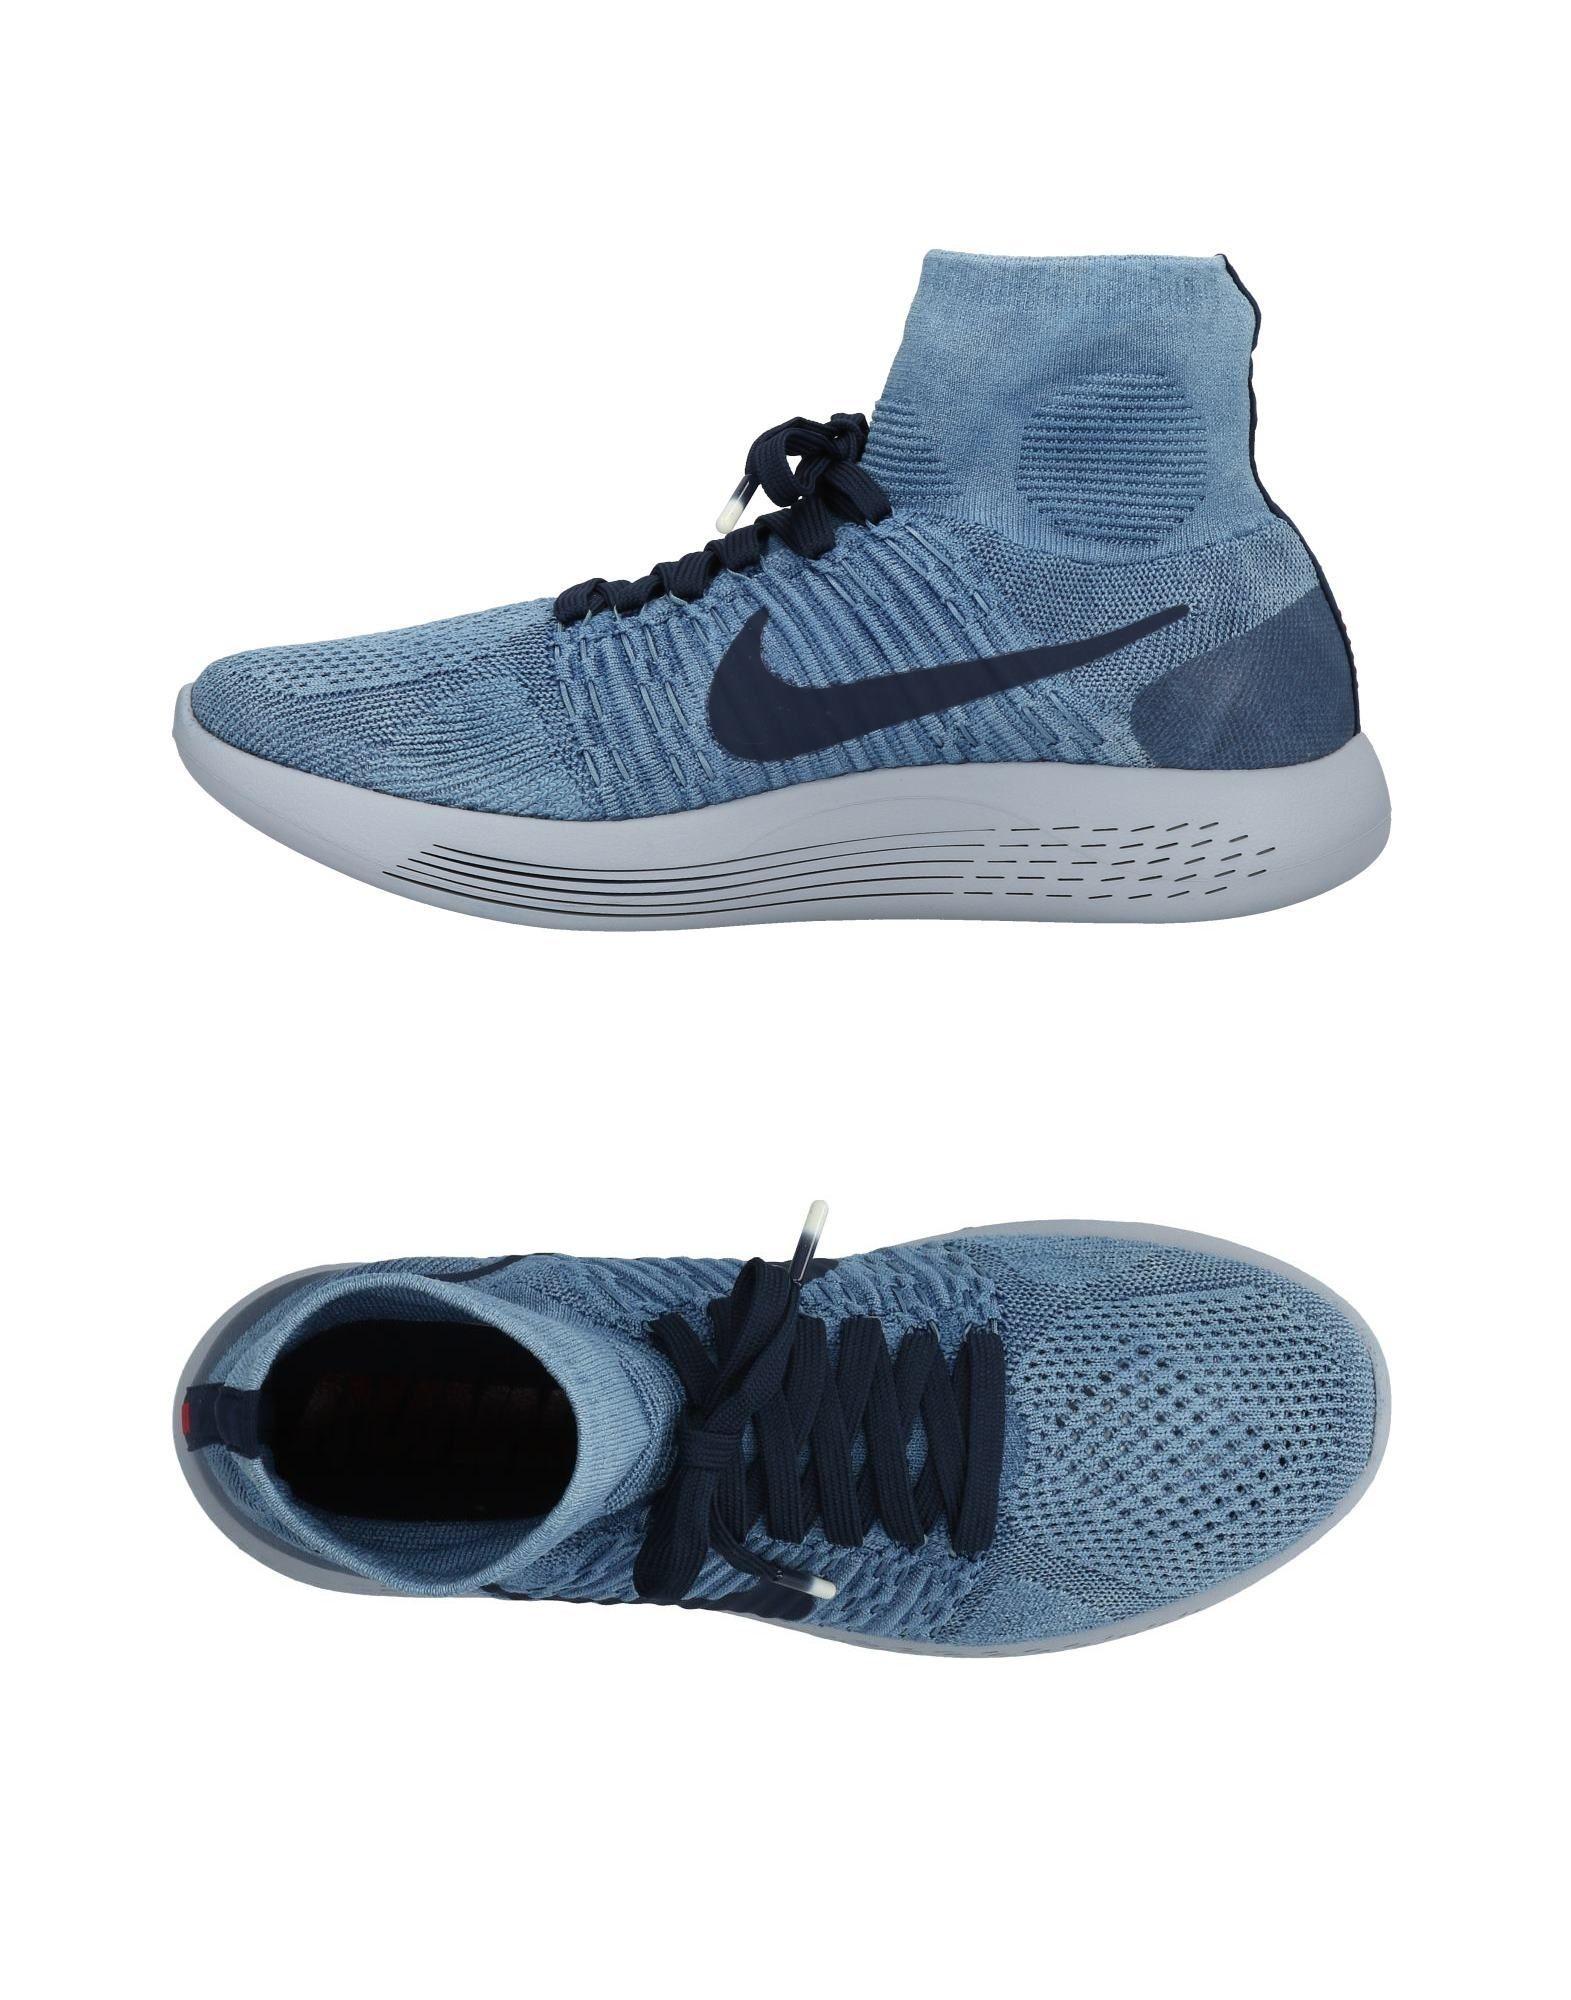 Moda Moda Moda Sneakers Nike Uomo - 11485890MG d0ea0d